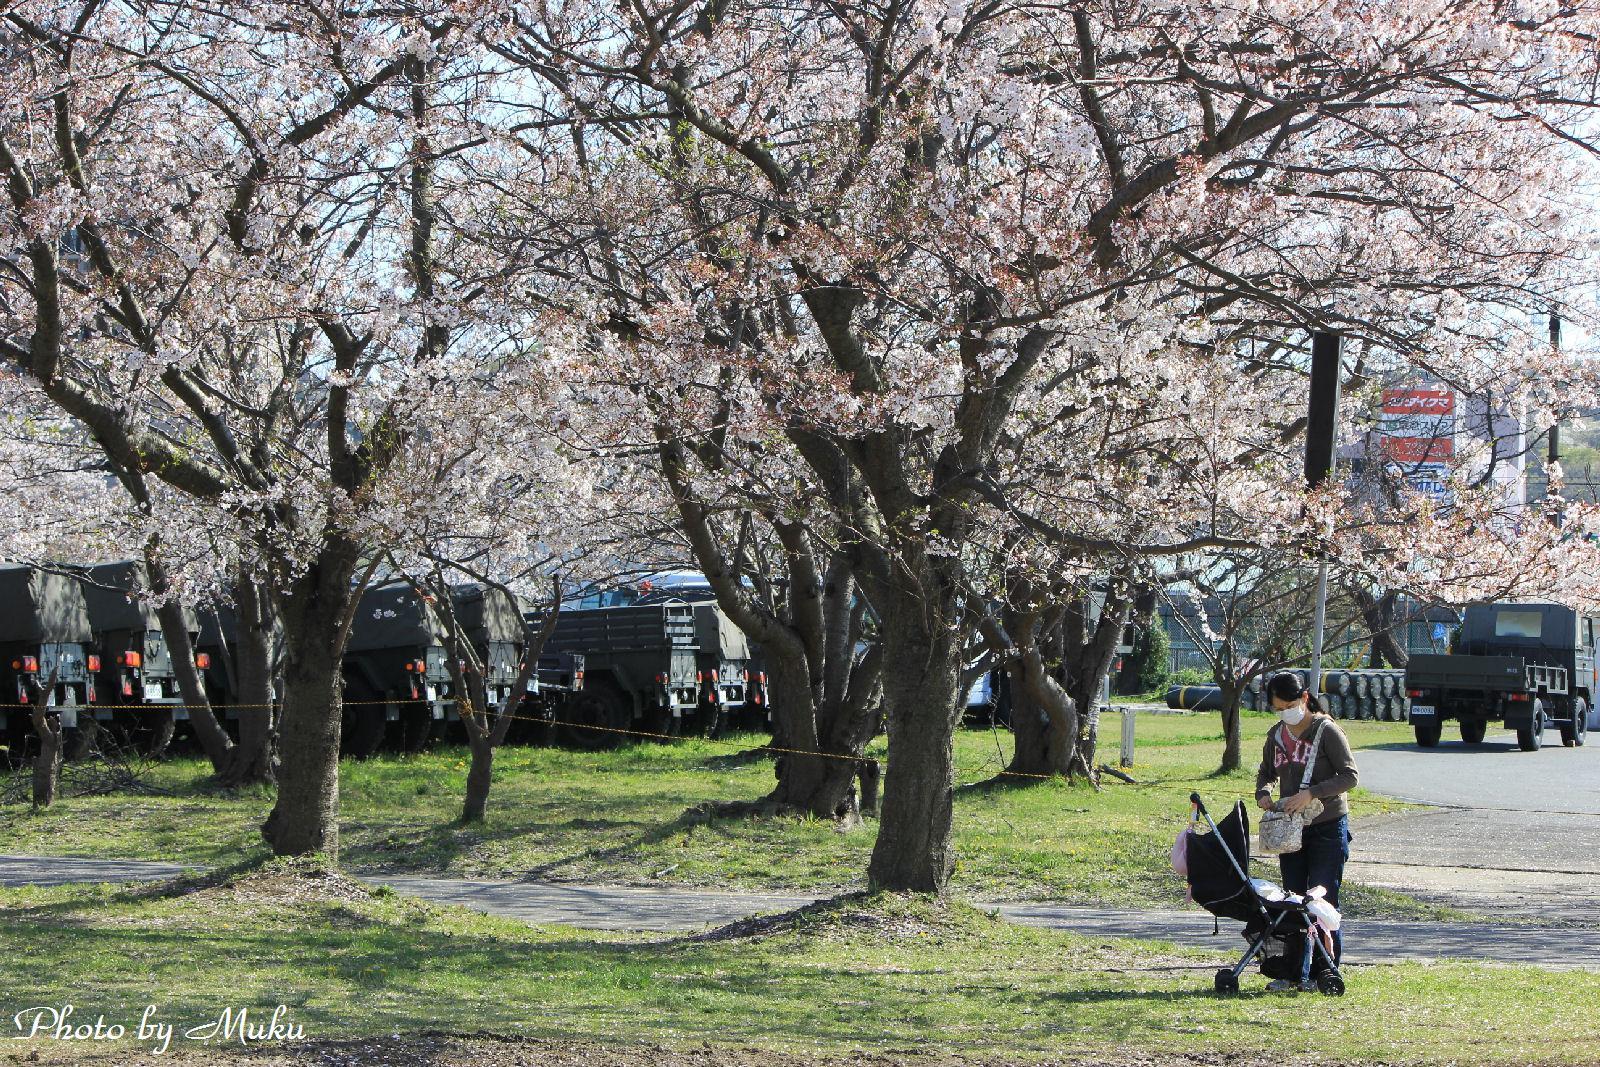 2014.4.5 陸上自衛隊駐屯地内の桜:久里浜(神奈川県横須賀市)